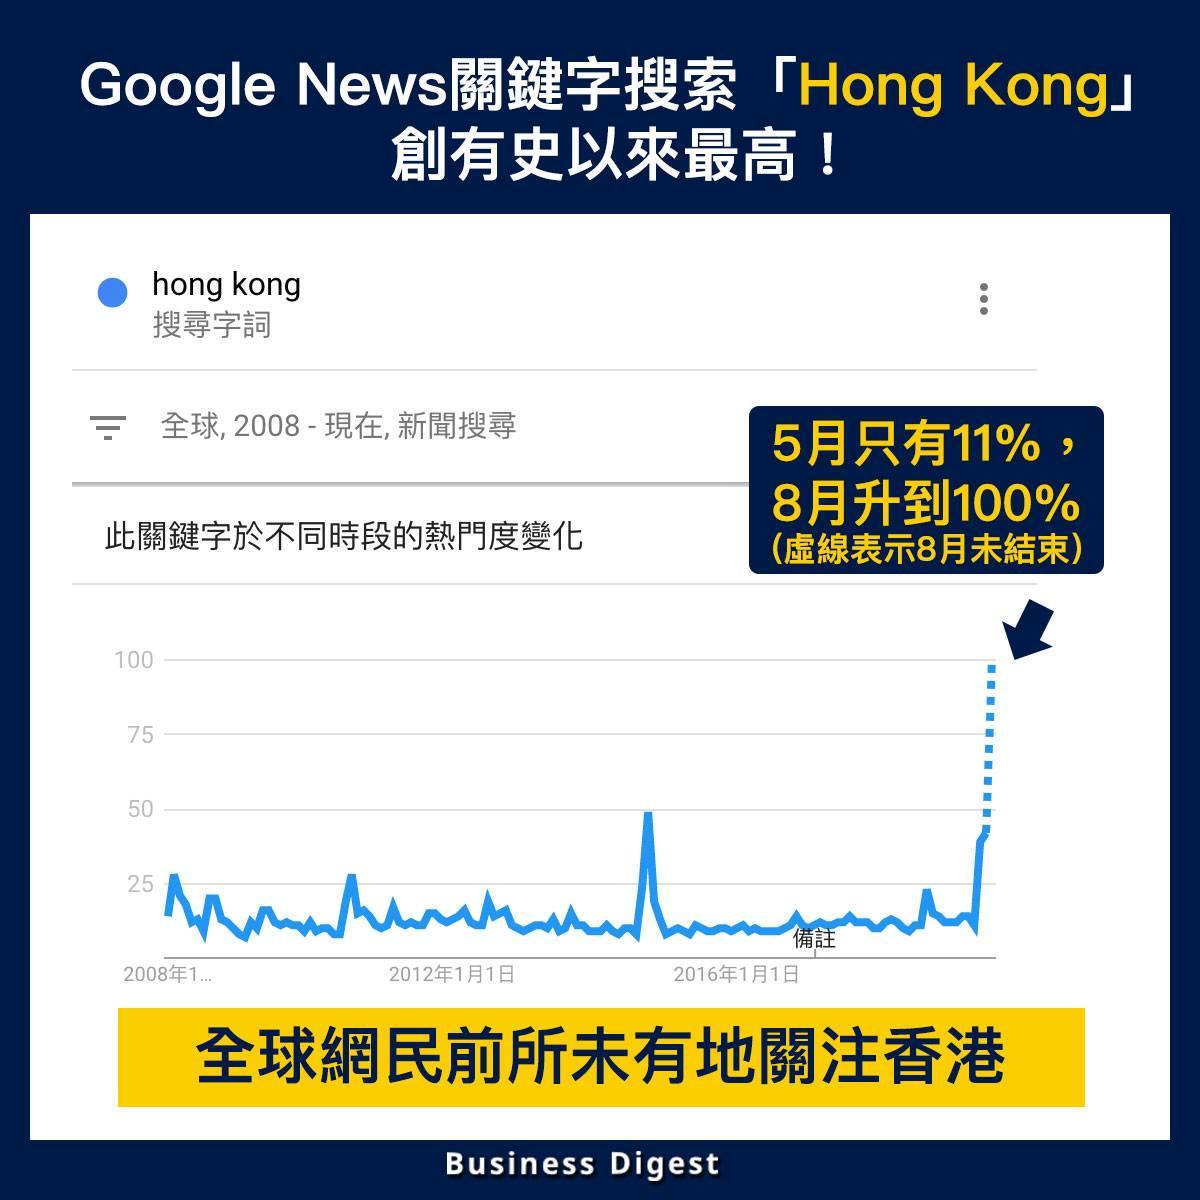 【從數據認識經濟】Google News關鍵字搜索「Hong Kong」創有史以來最高!